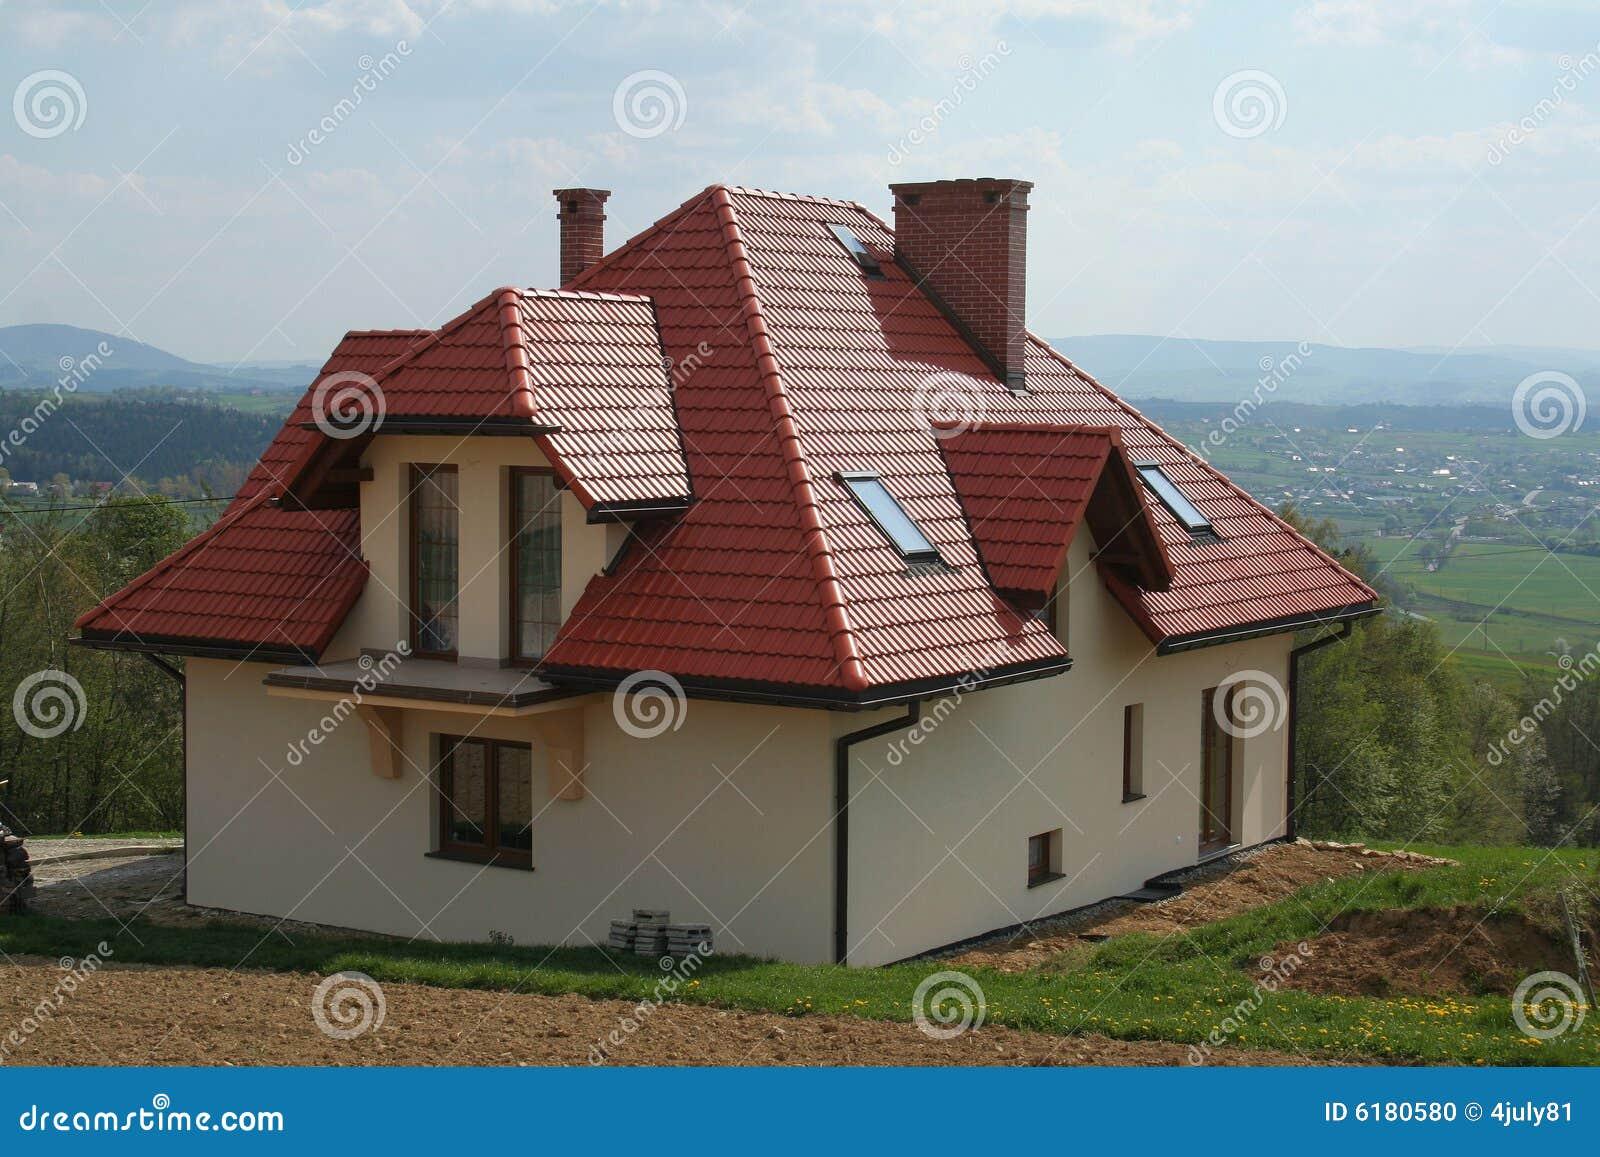 Haus mit rotem dach stockfoto bild von dorf gras b ume for Modernes haus mit rotem dach